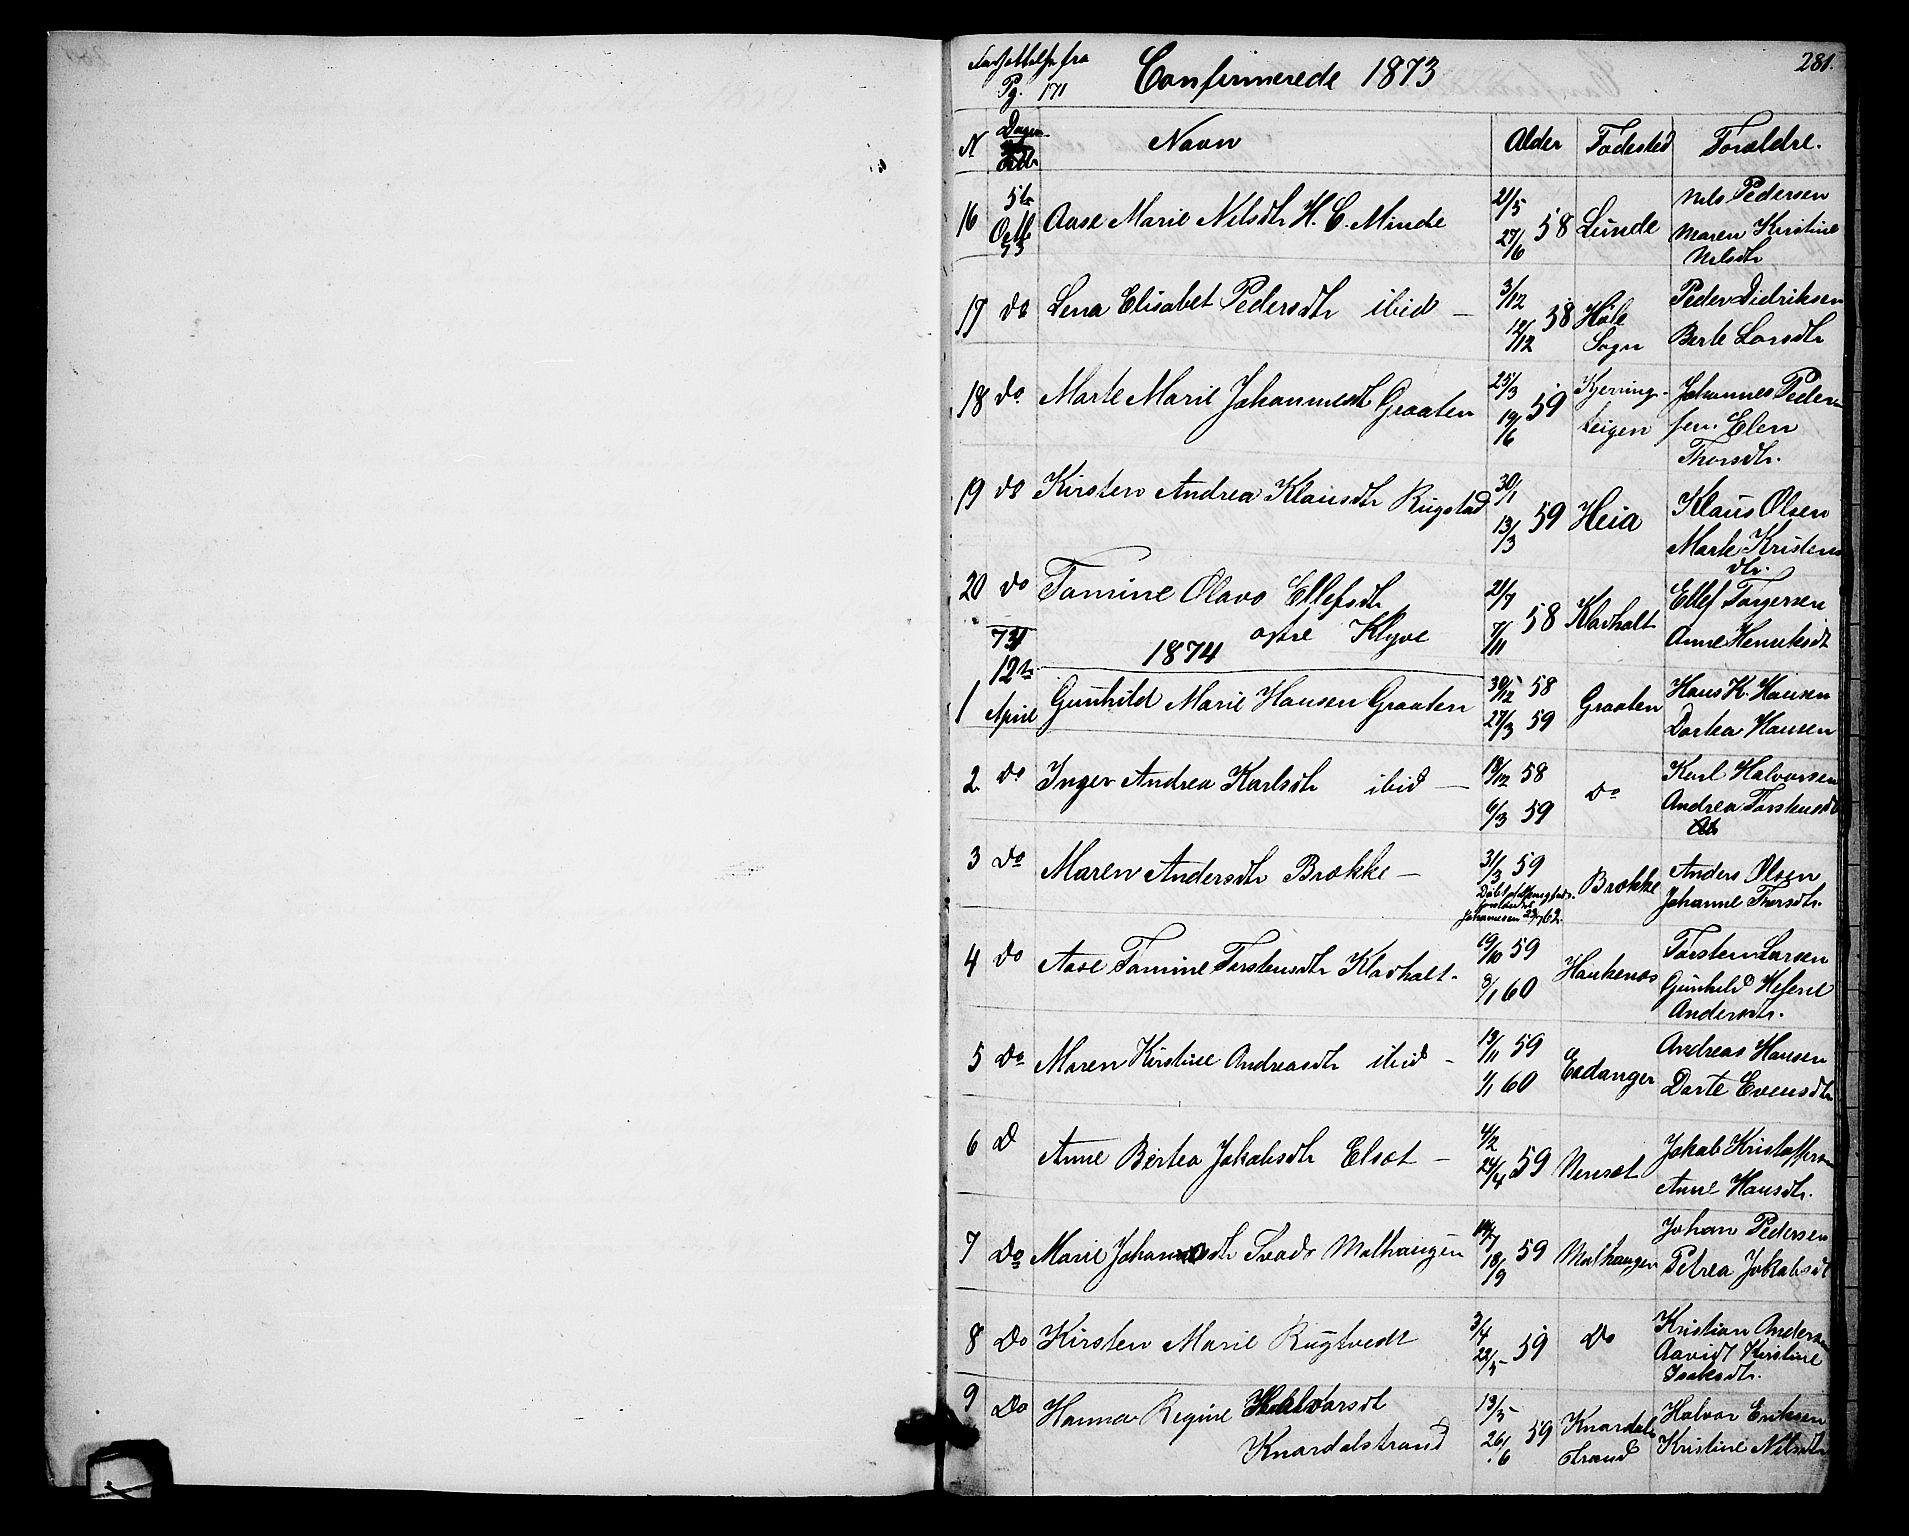 SAKO, Solum kirkebøker, G/Ga/L0004: Klokkerbok nr. I 4, 1859-1876, s. 281